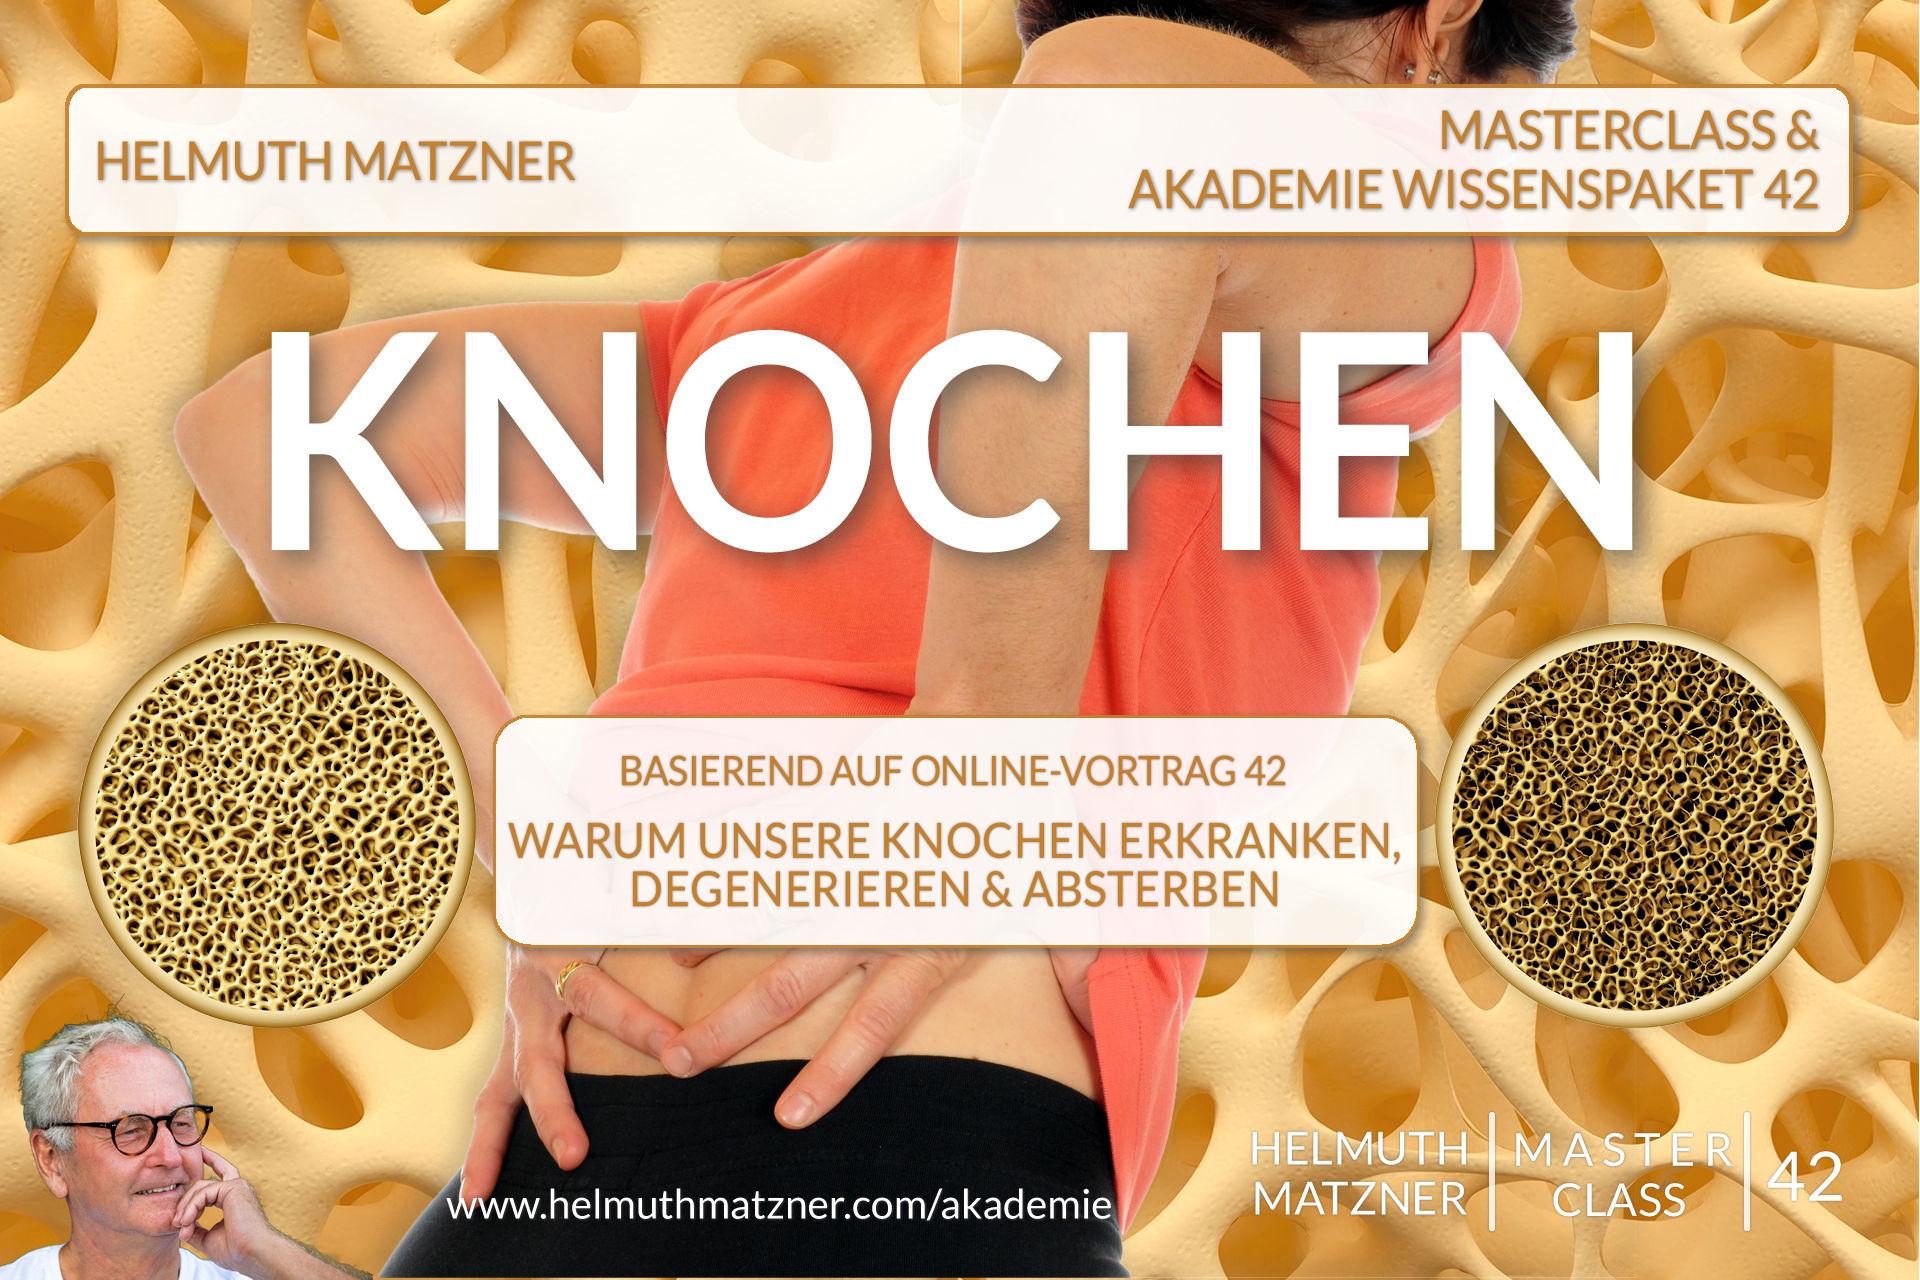 Helmuth Matzner - Masterclass & Akademie Wissenspaket 42 - Knochen - Akademie Banner v5B2